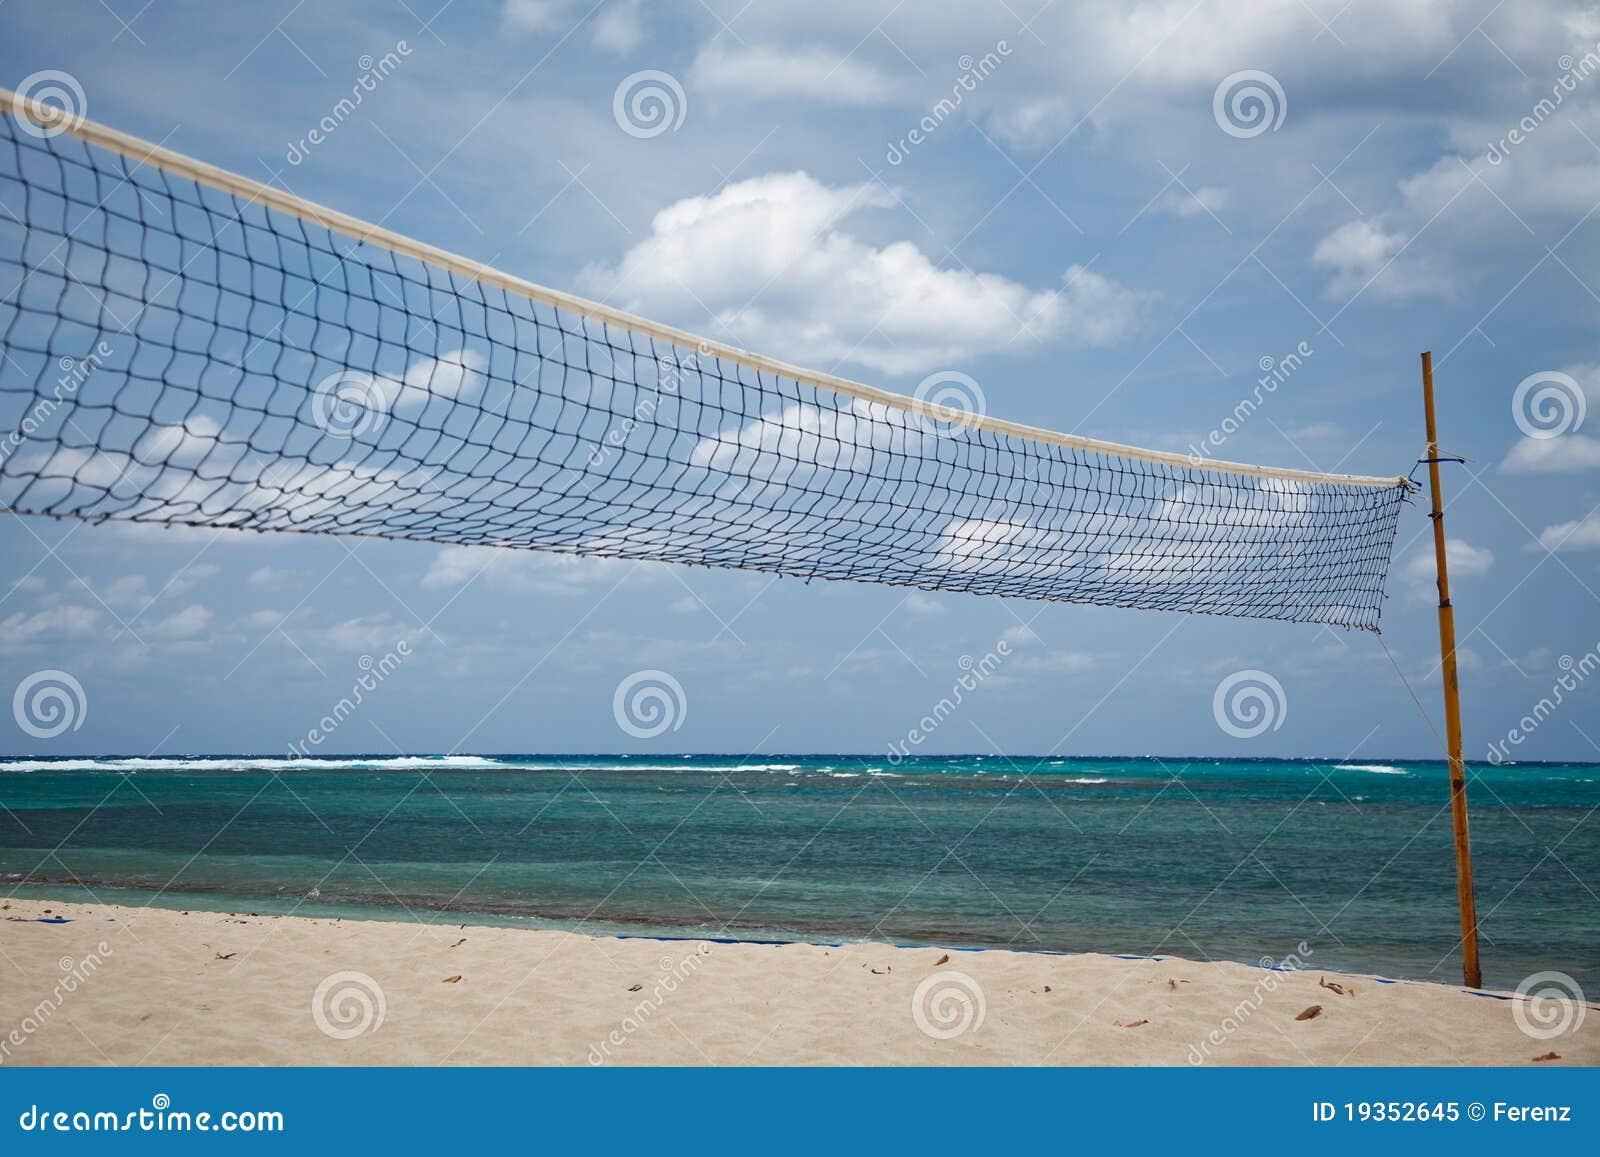 Rede do voleibol